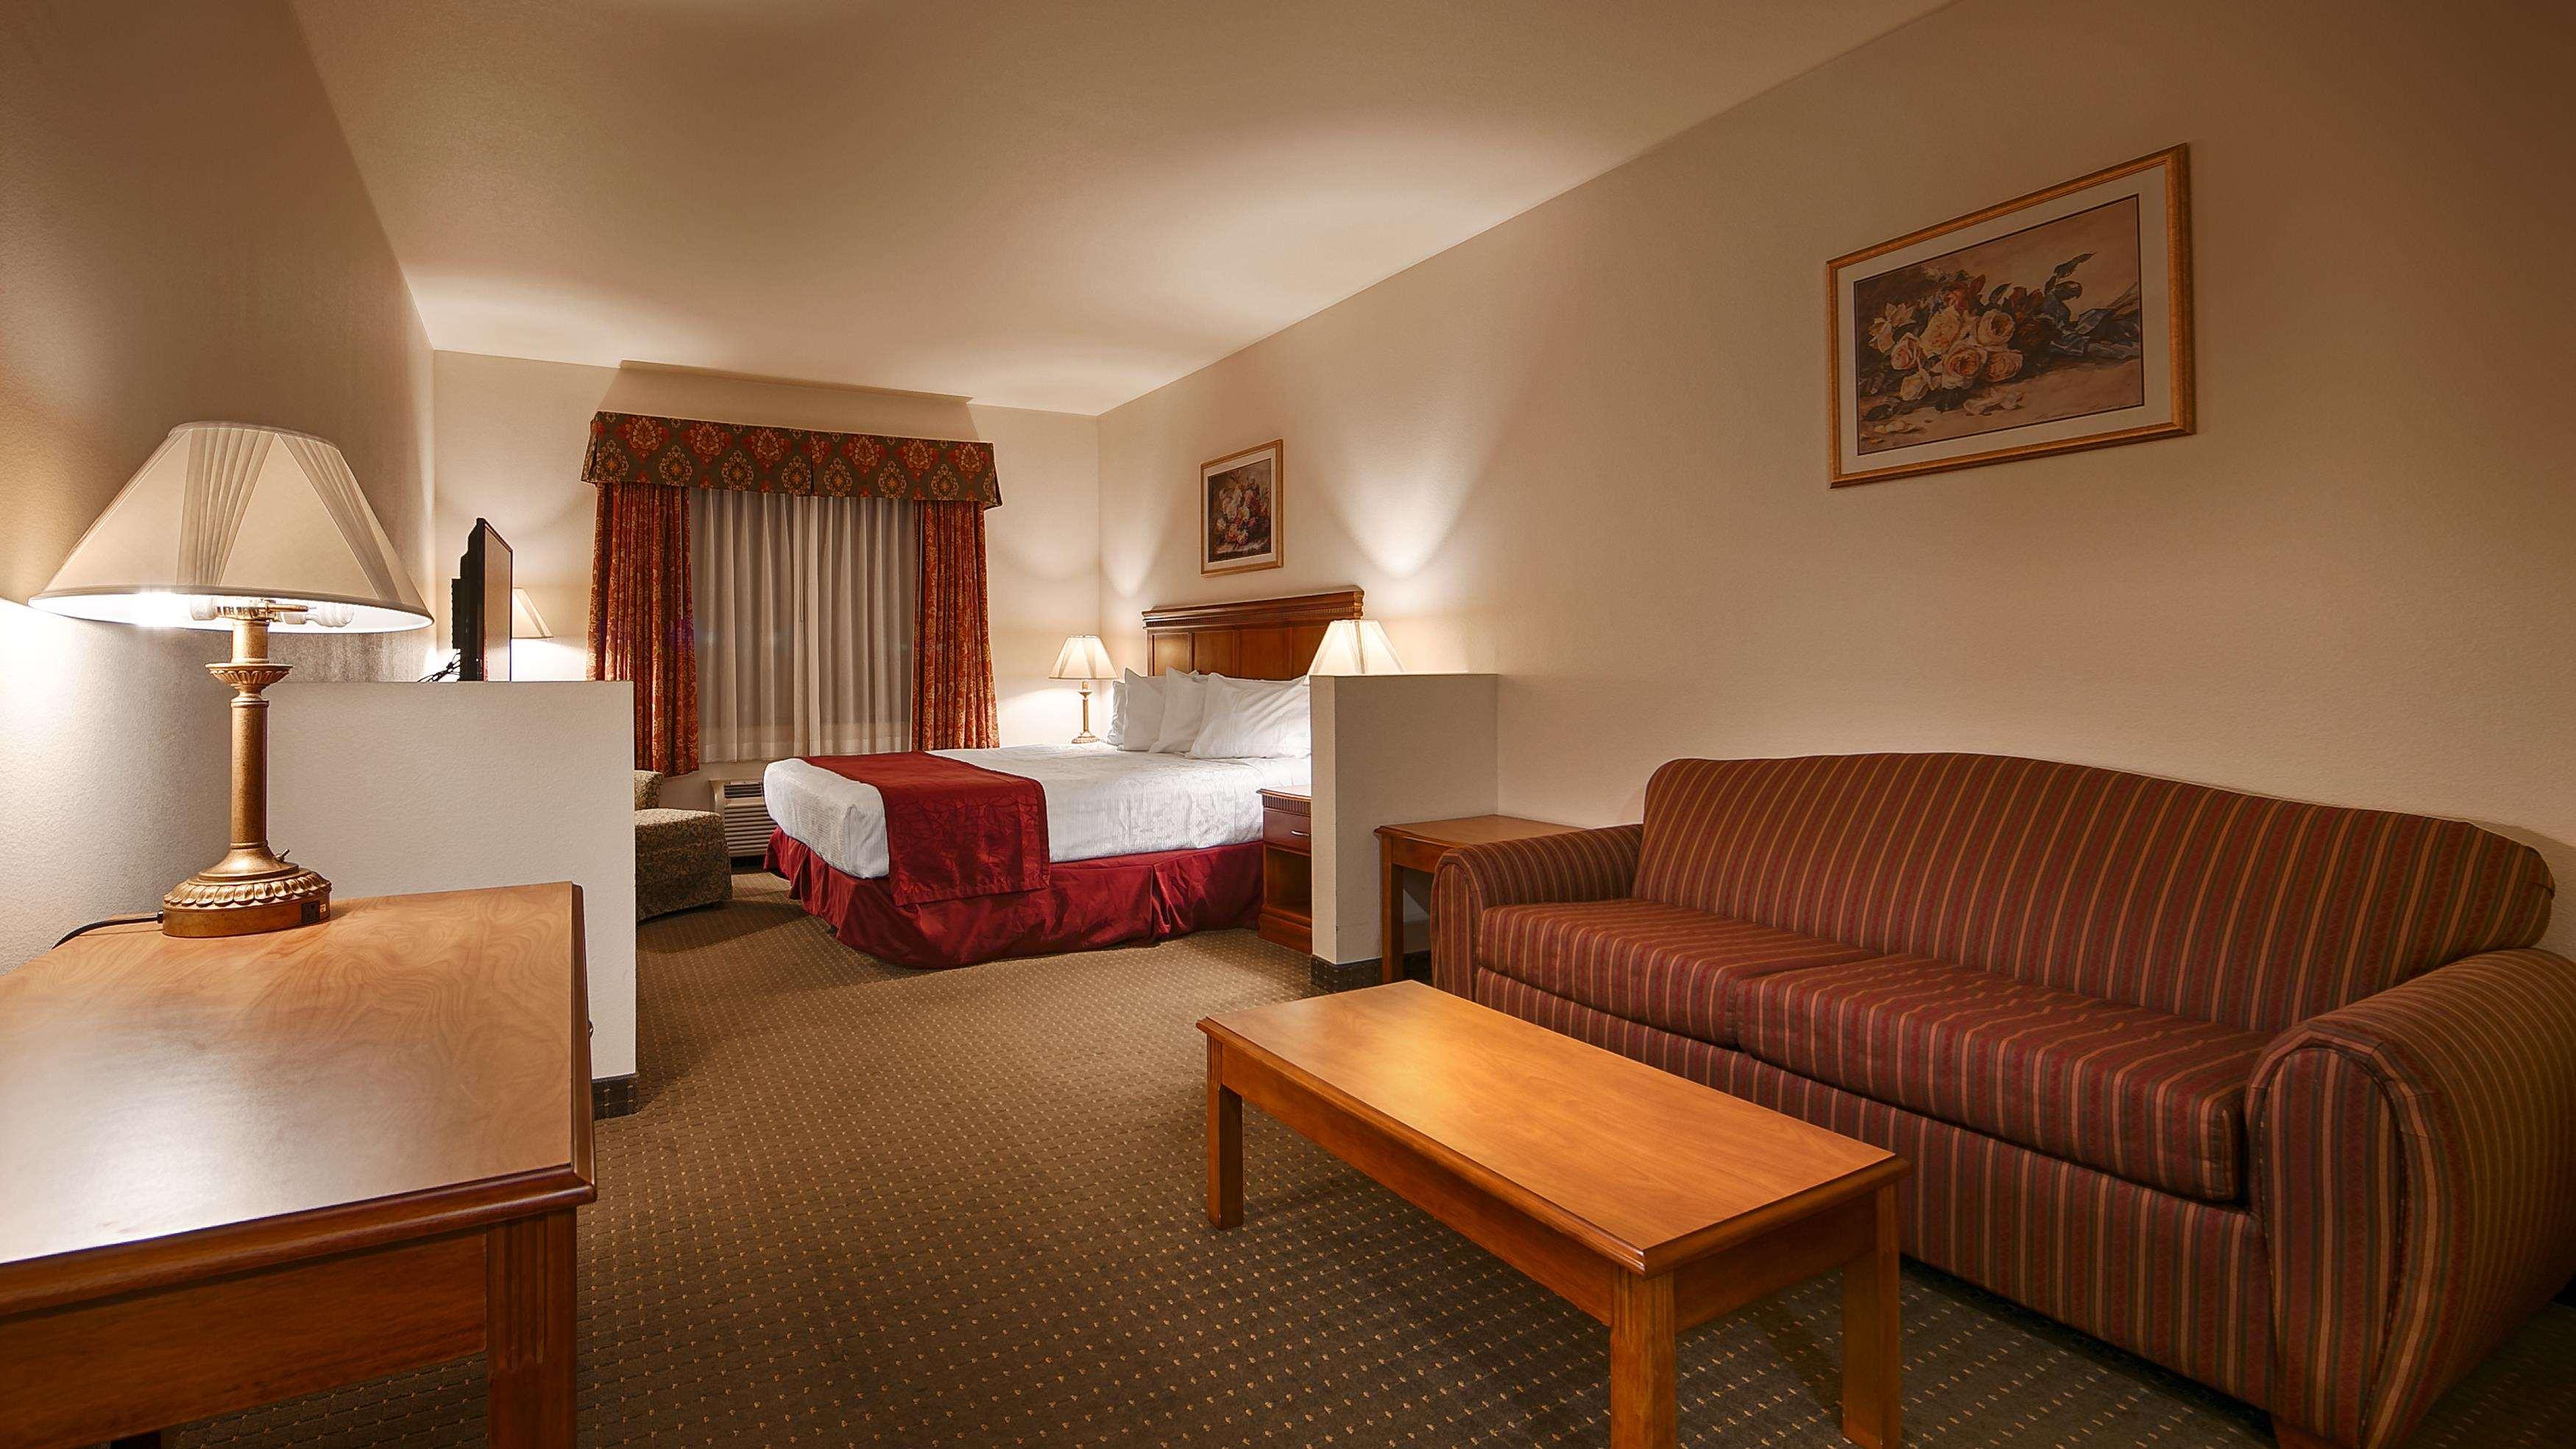 Best Western Plus Lake Elsinore Inn & Suites image 4